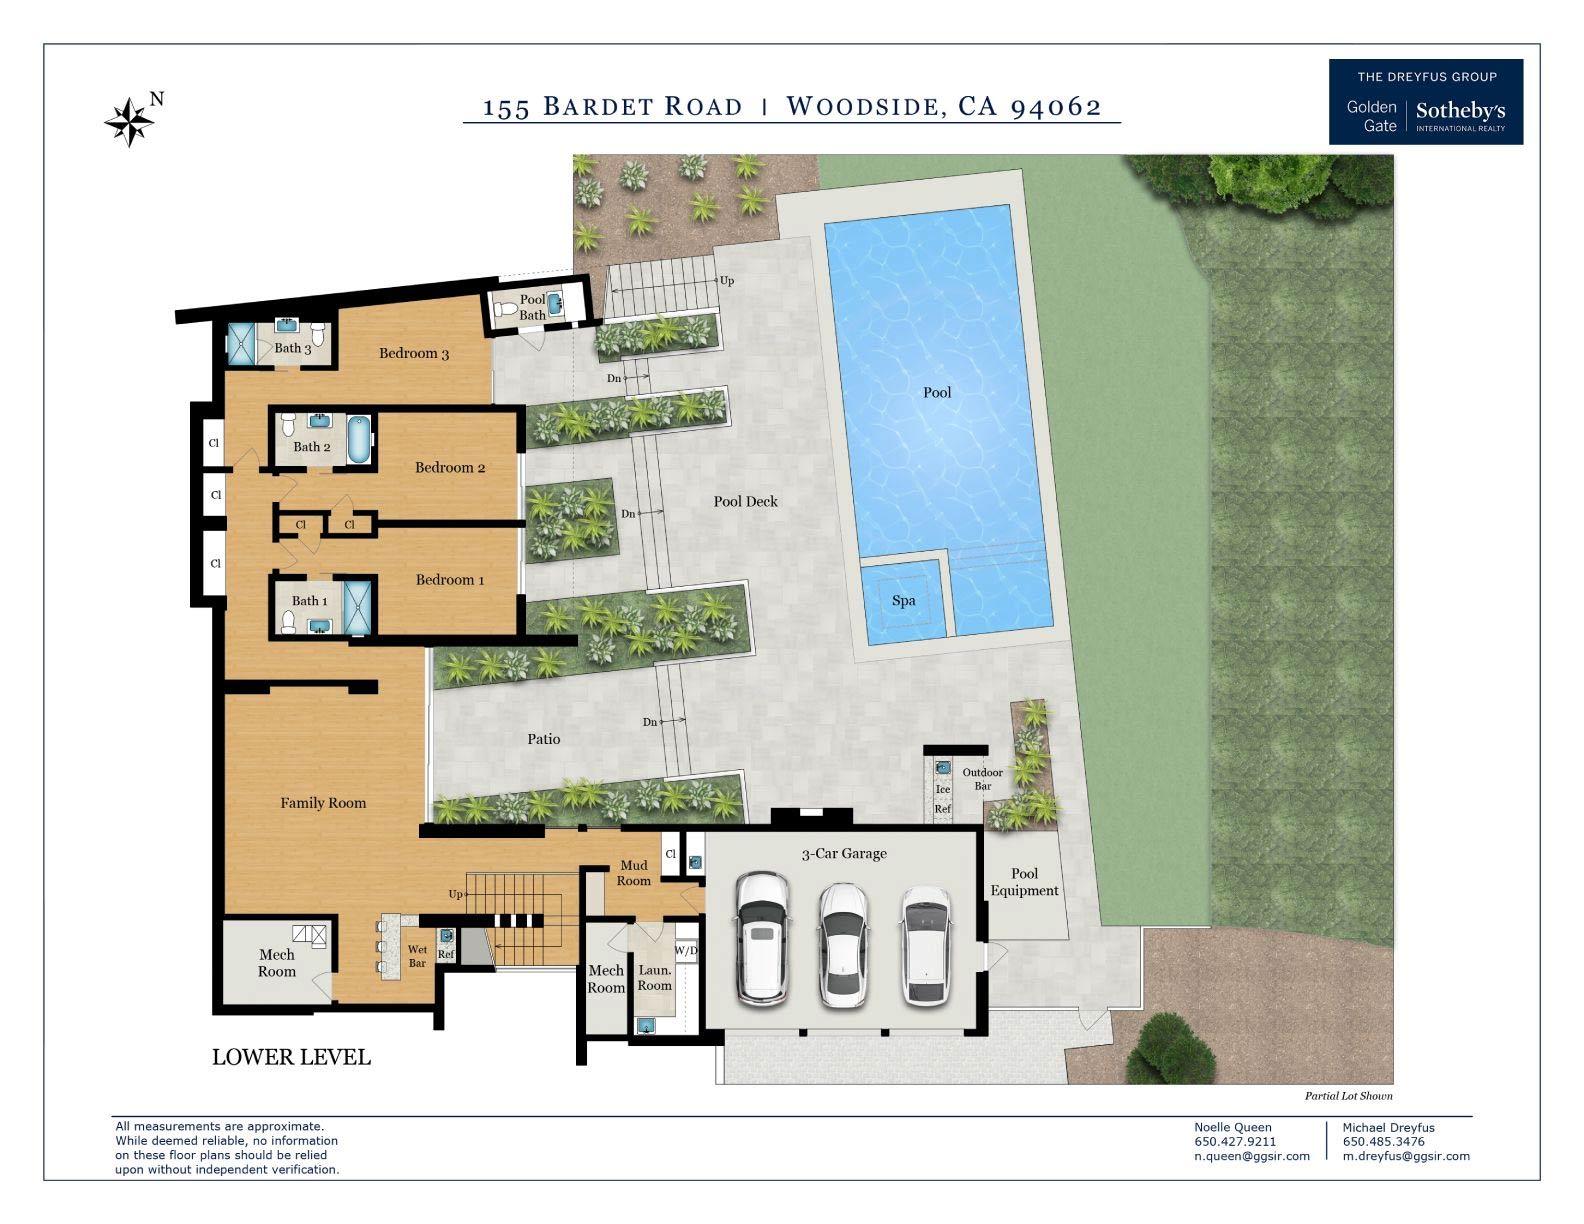 Floorplan-lower-level---updated-3.5